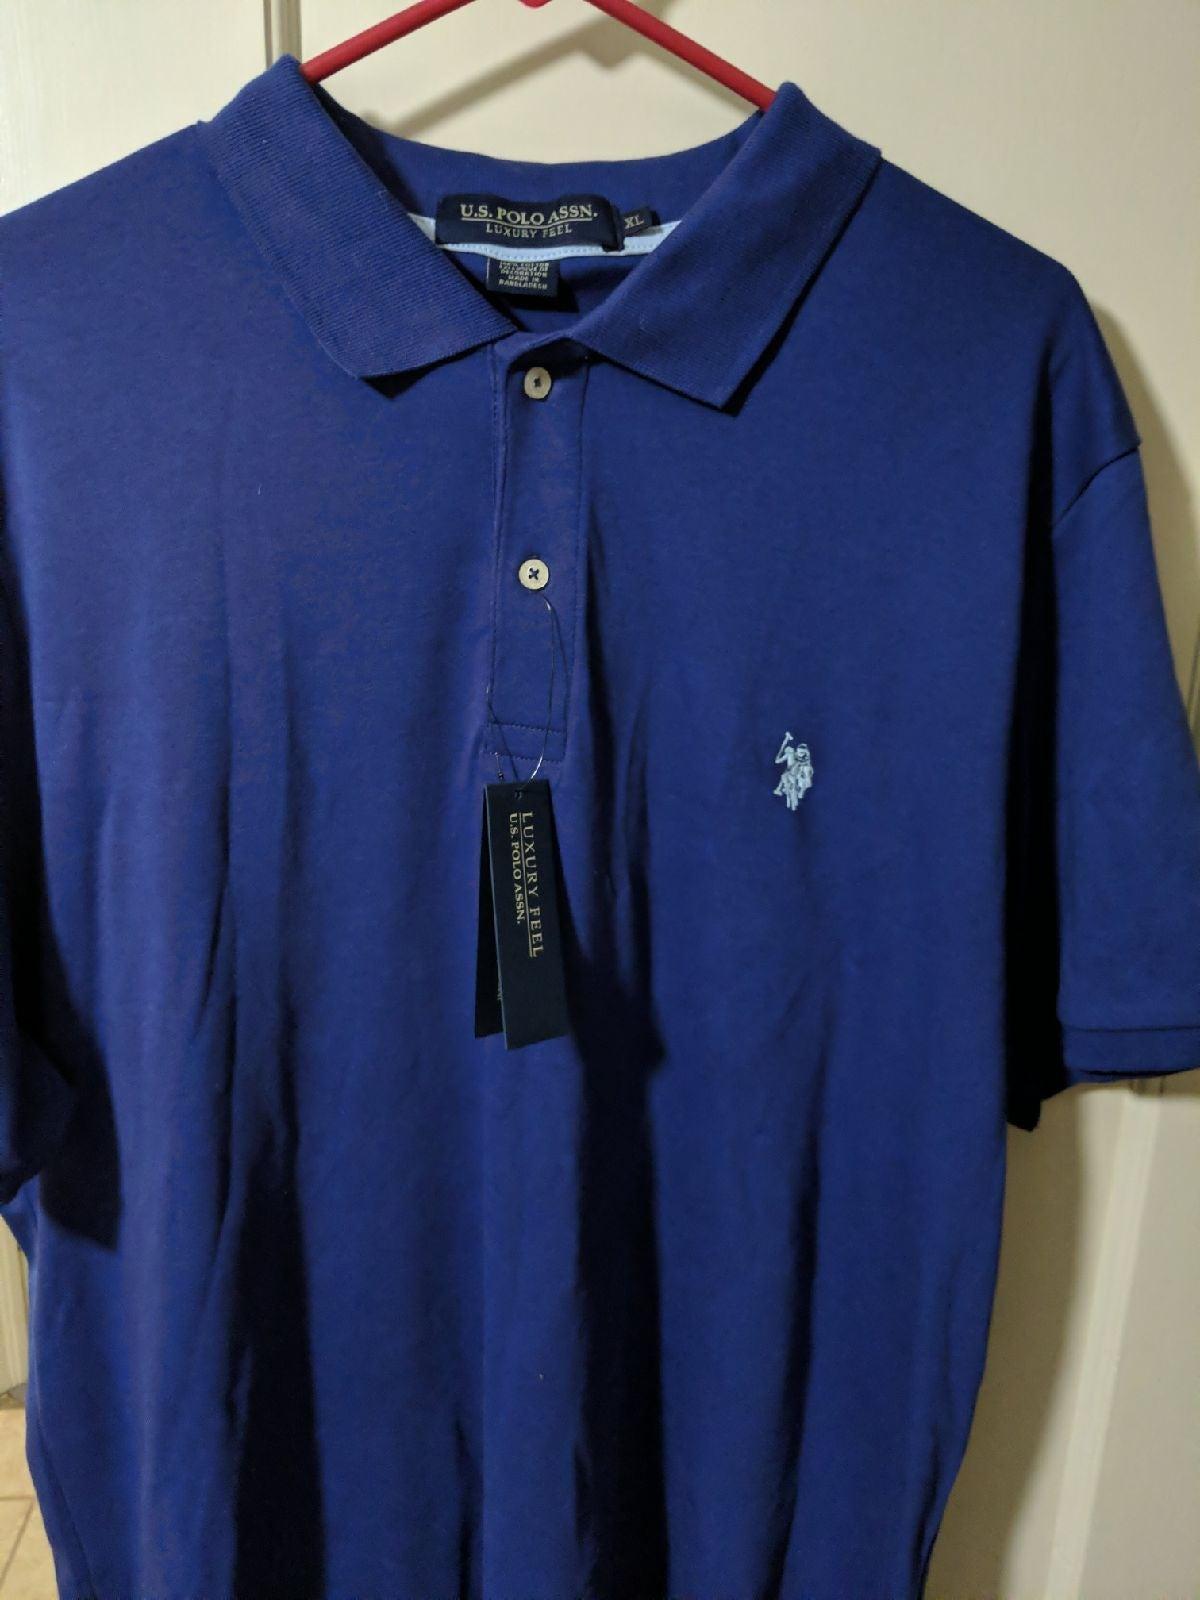 *BrandNew* US Polo Assn. Polo Shirt (XL)